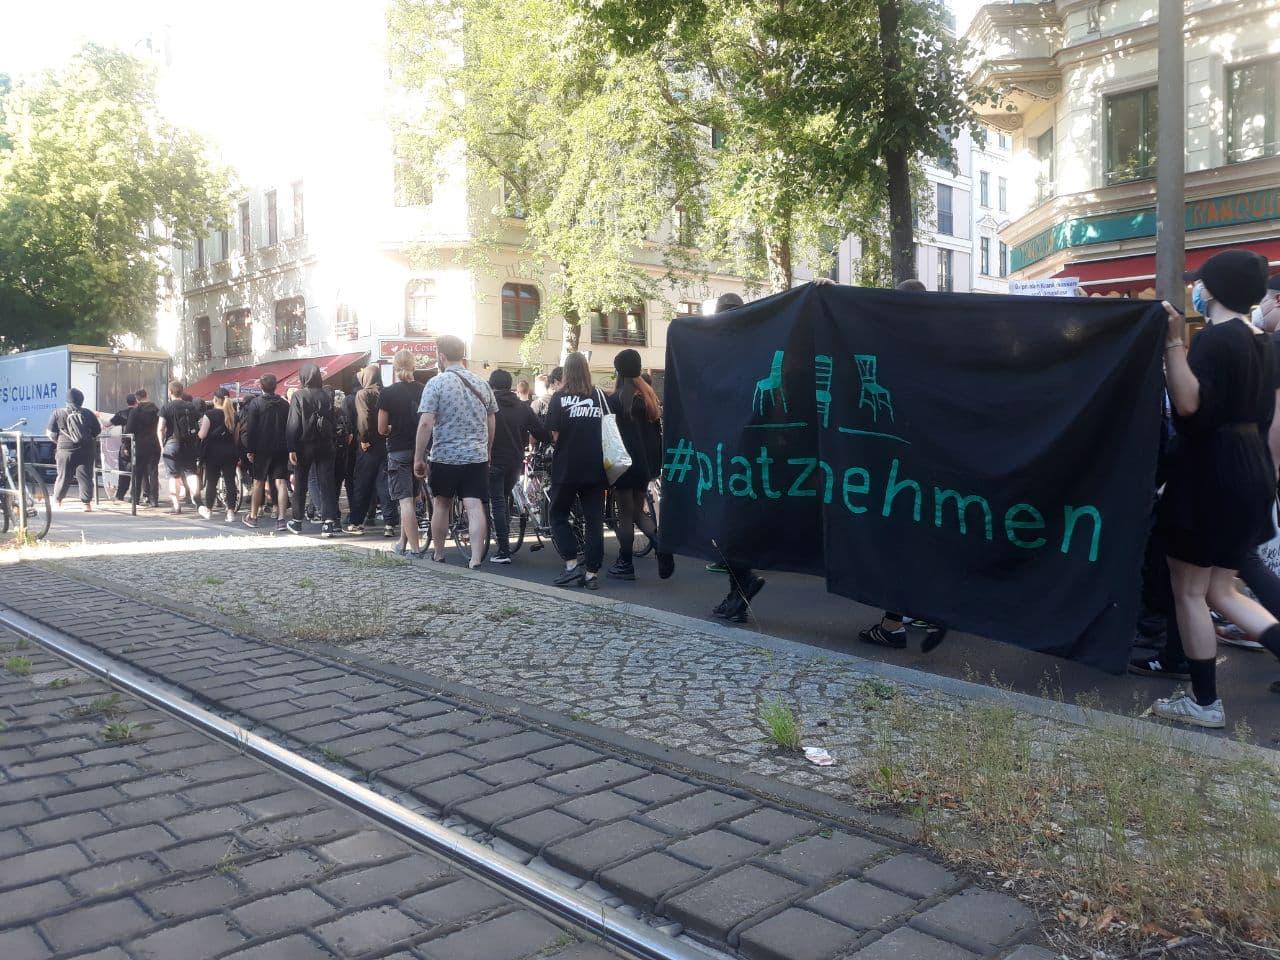 Das Geschehen am 14. Juni 2021 startete mit dem Gegenprotest aus dem Leipziger Süden Richtung Zentrum. Foto: LZ